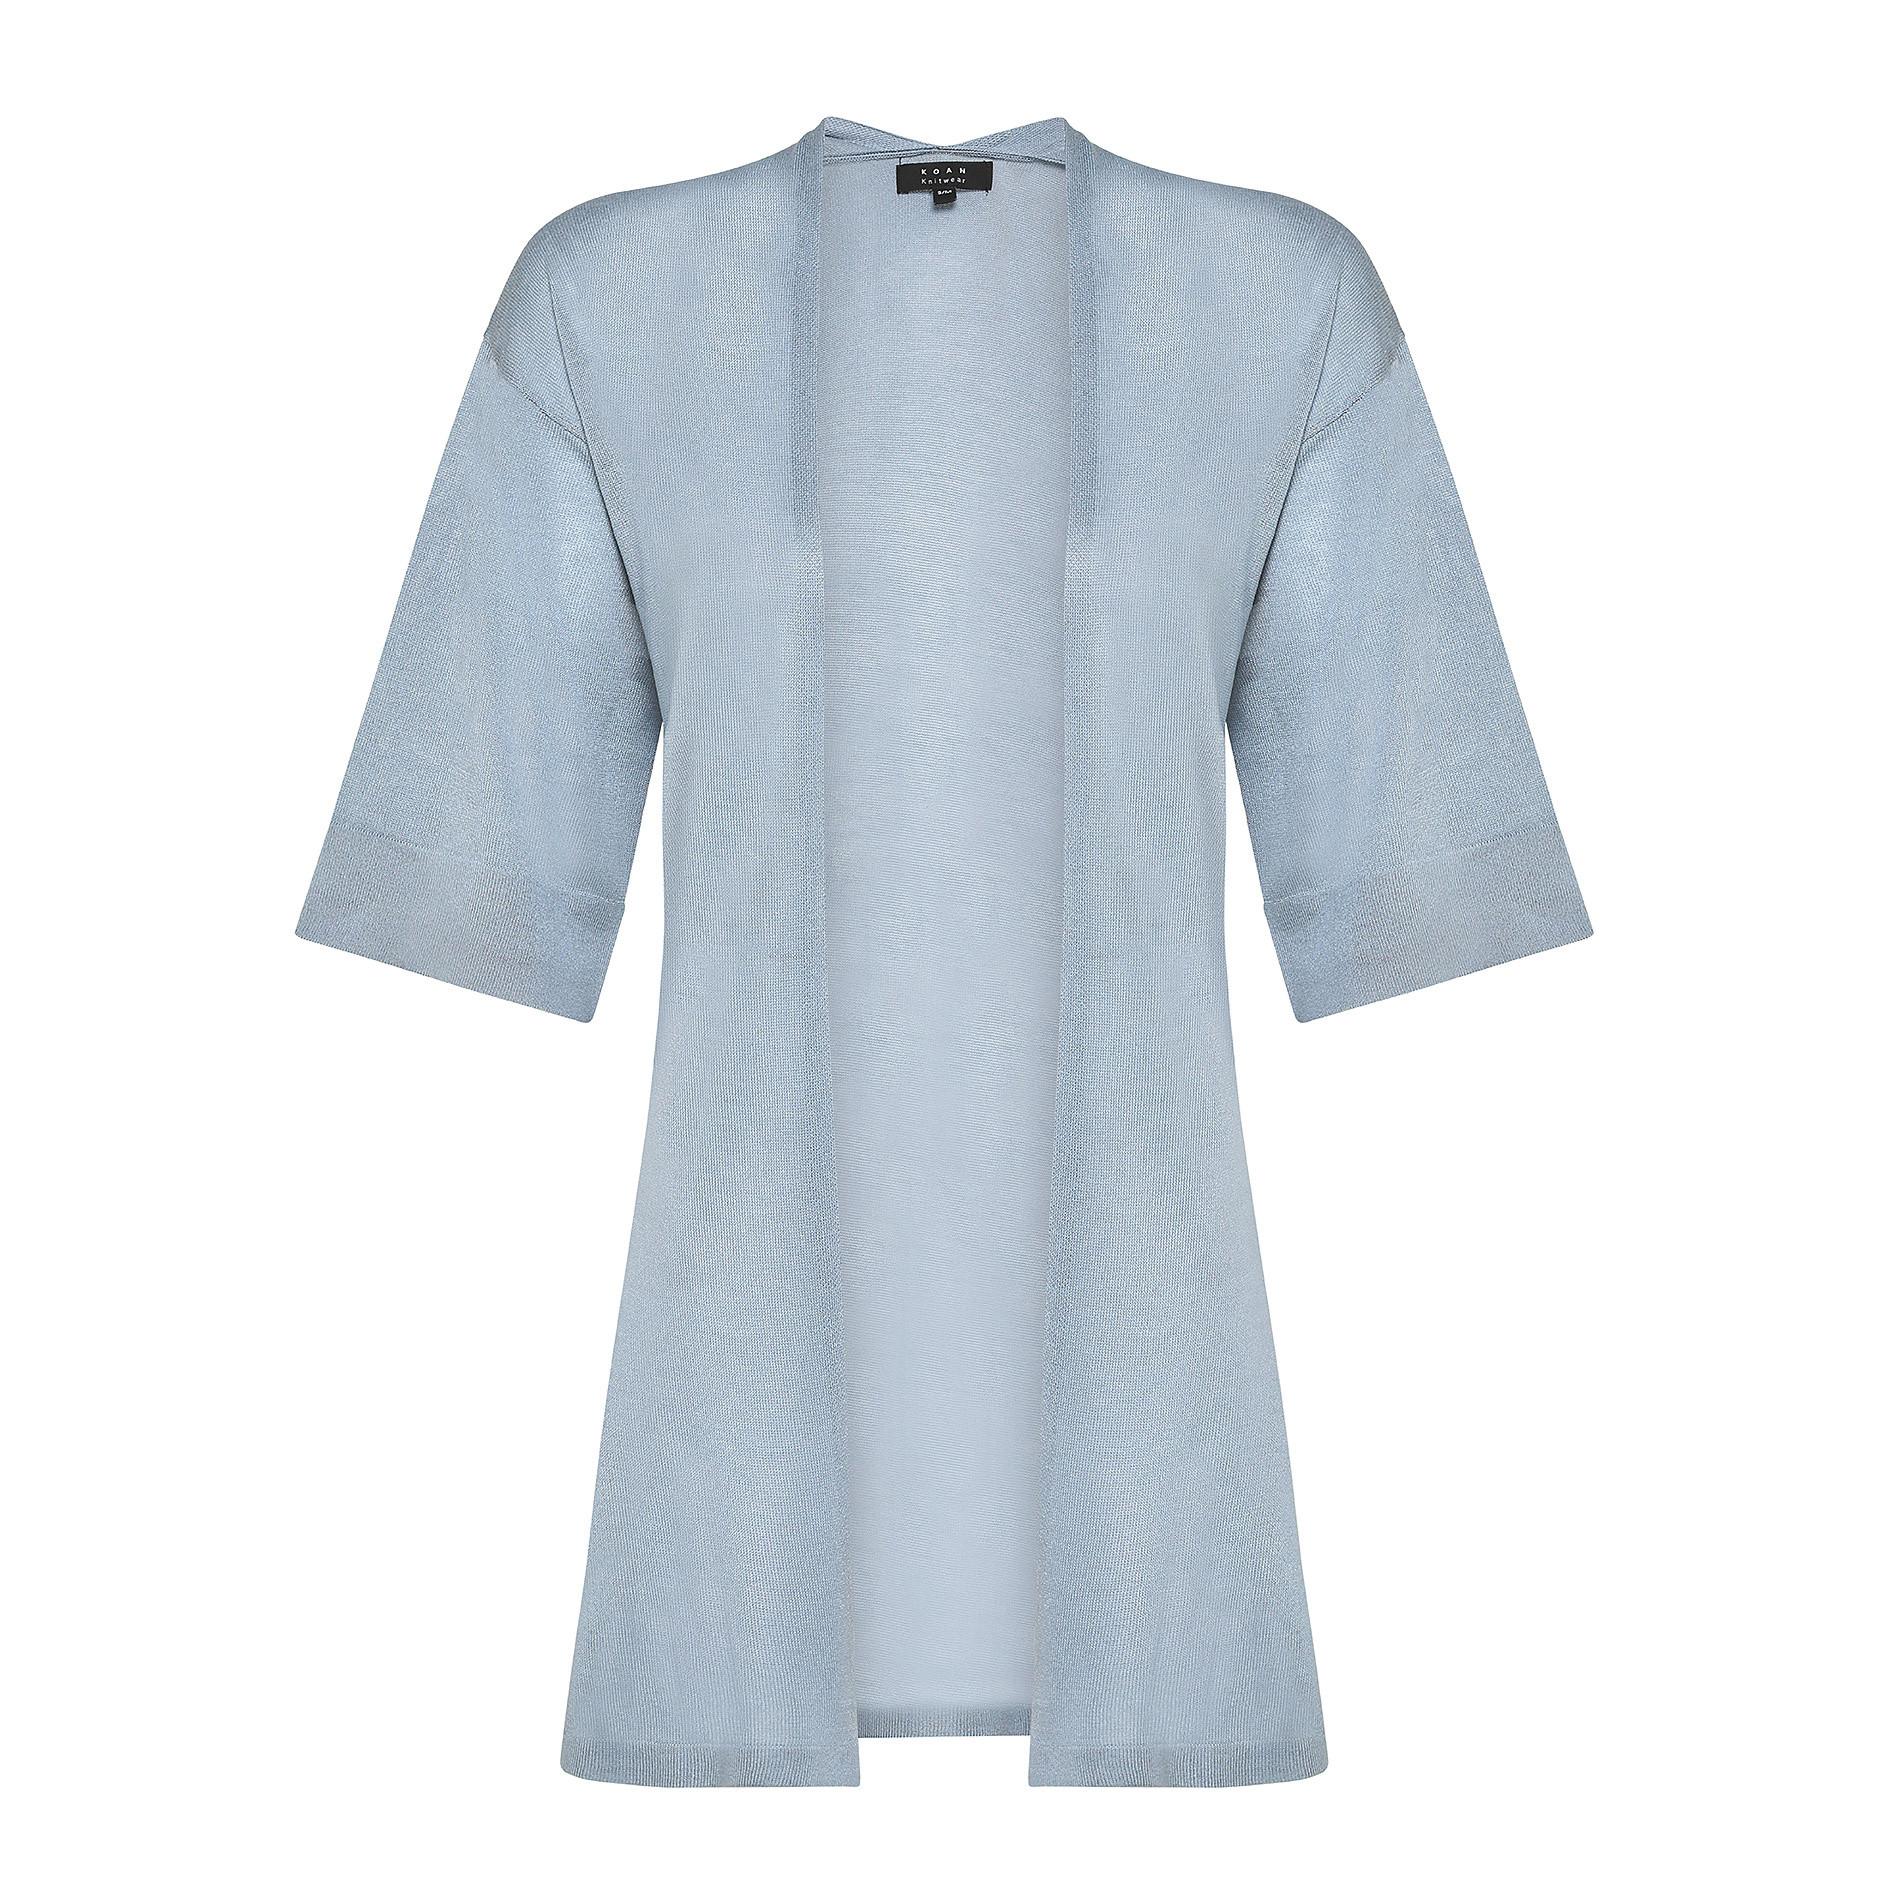 Cardigan over maglia leggera Koan, Azzurro, large image number 0